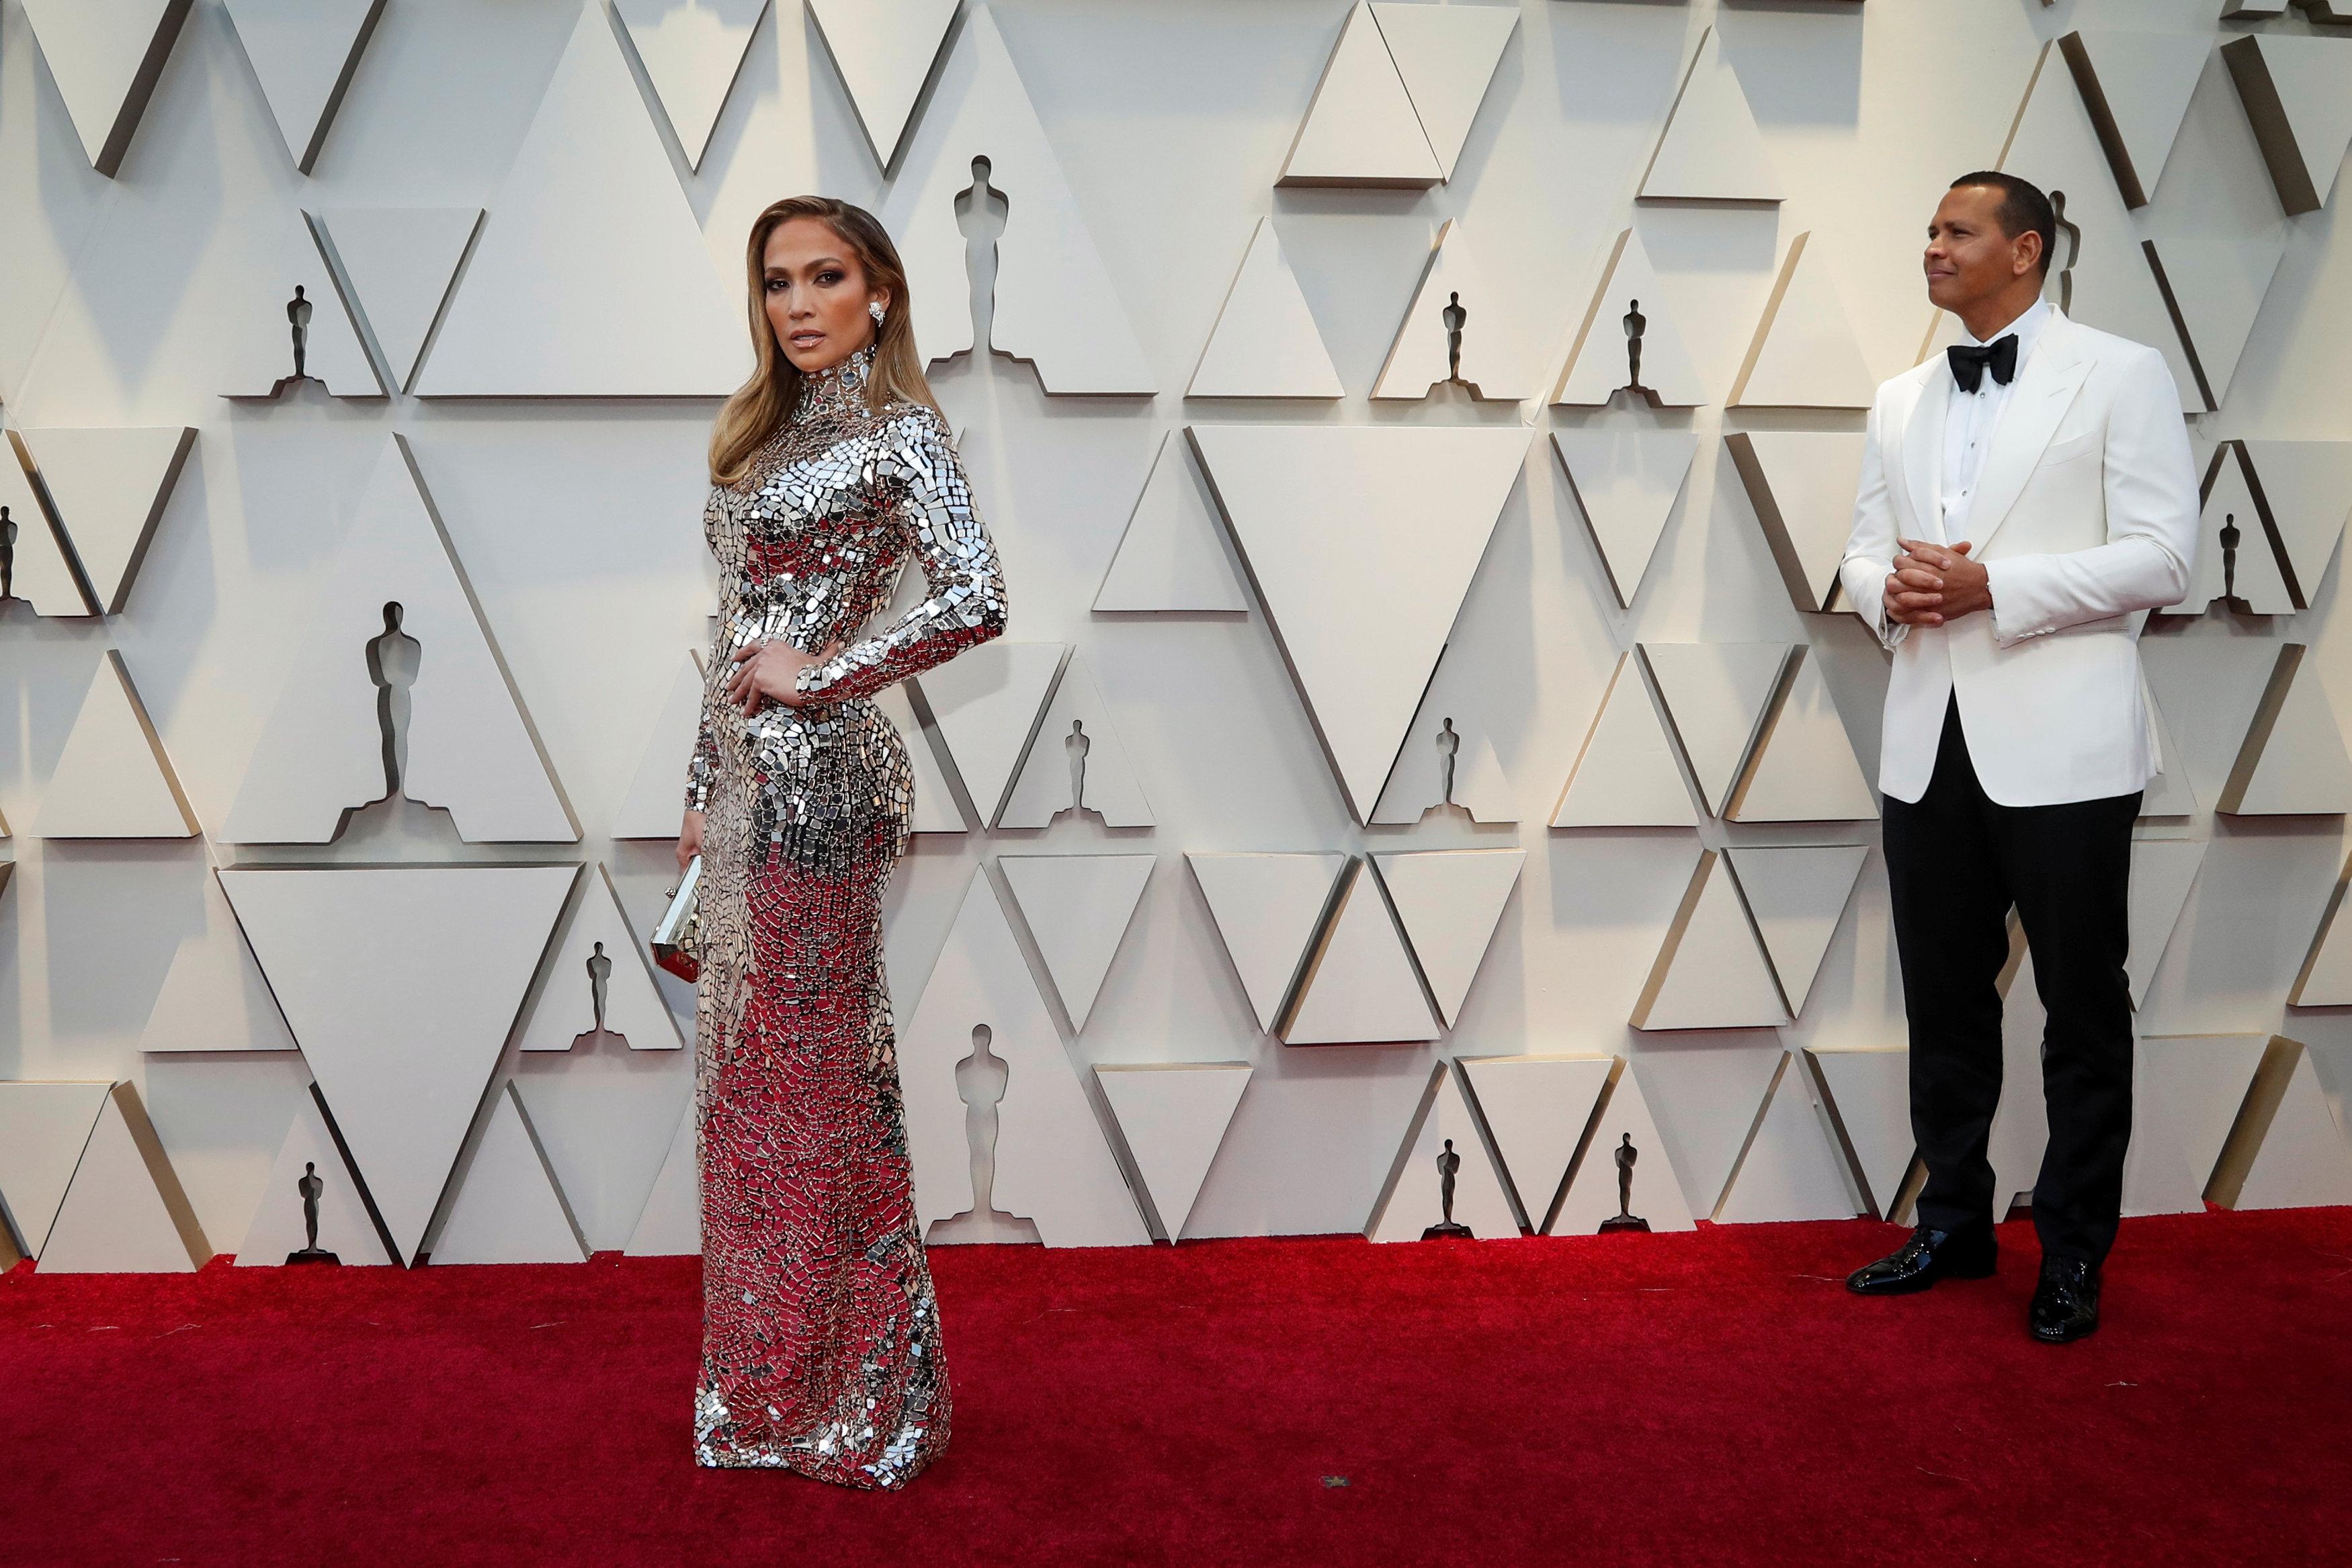 Pogledajte kreacije koje su nosile Lejdi Gaga, Šarliz Teron, Dženifer Lopez... (foto: Reuters)